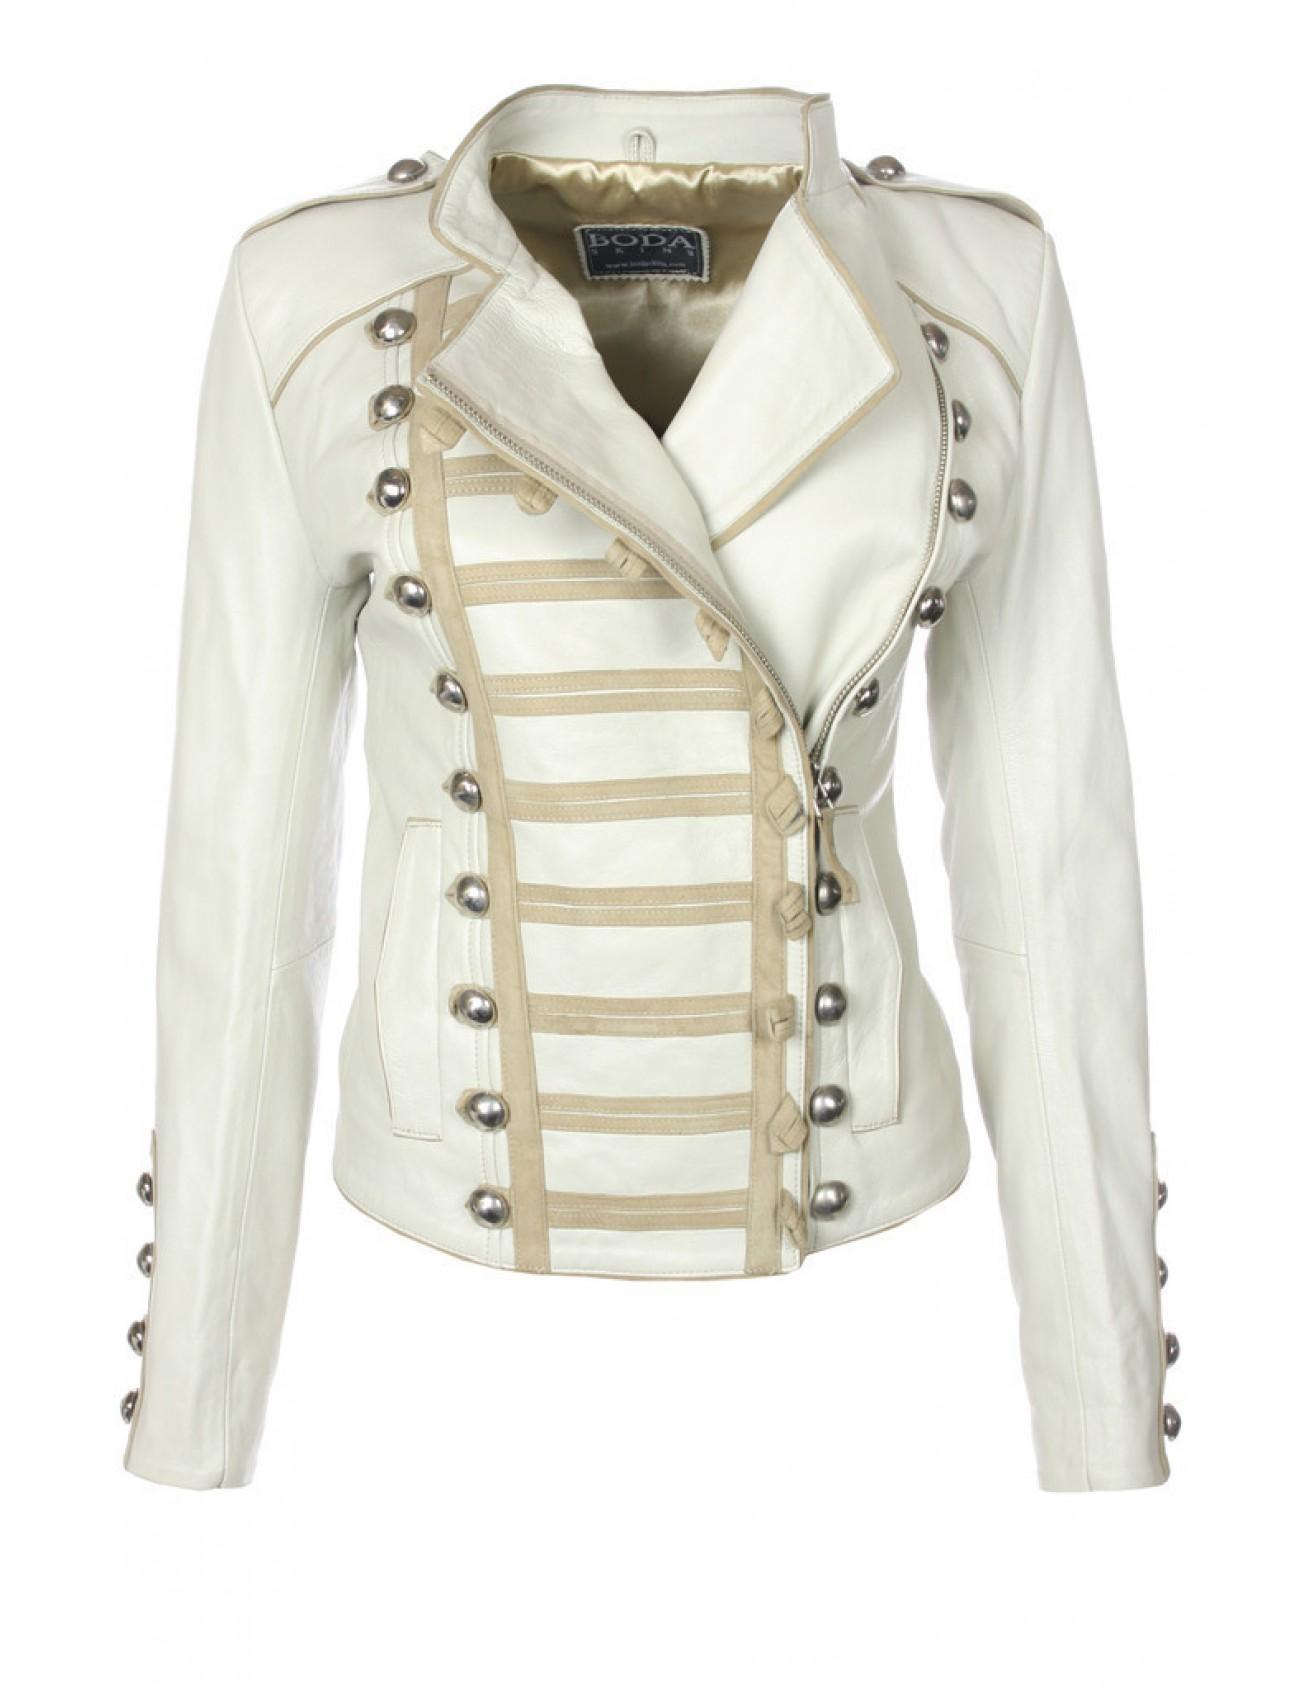 Napoleon Platinum Grey Leather Jacket - Boda Skins